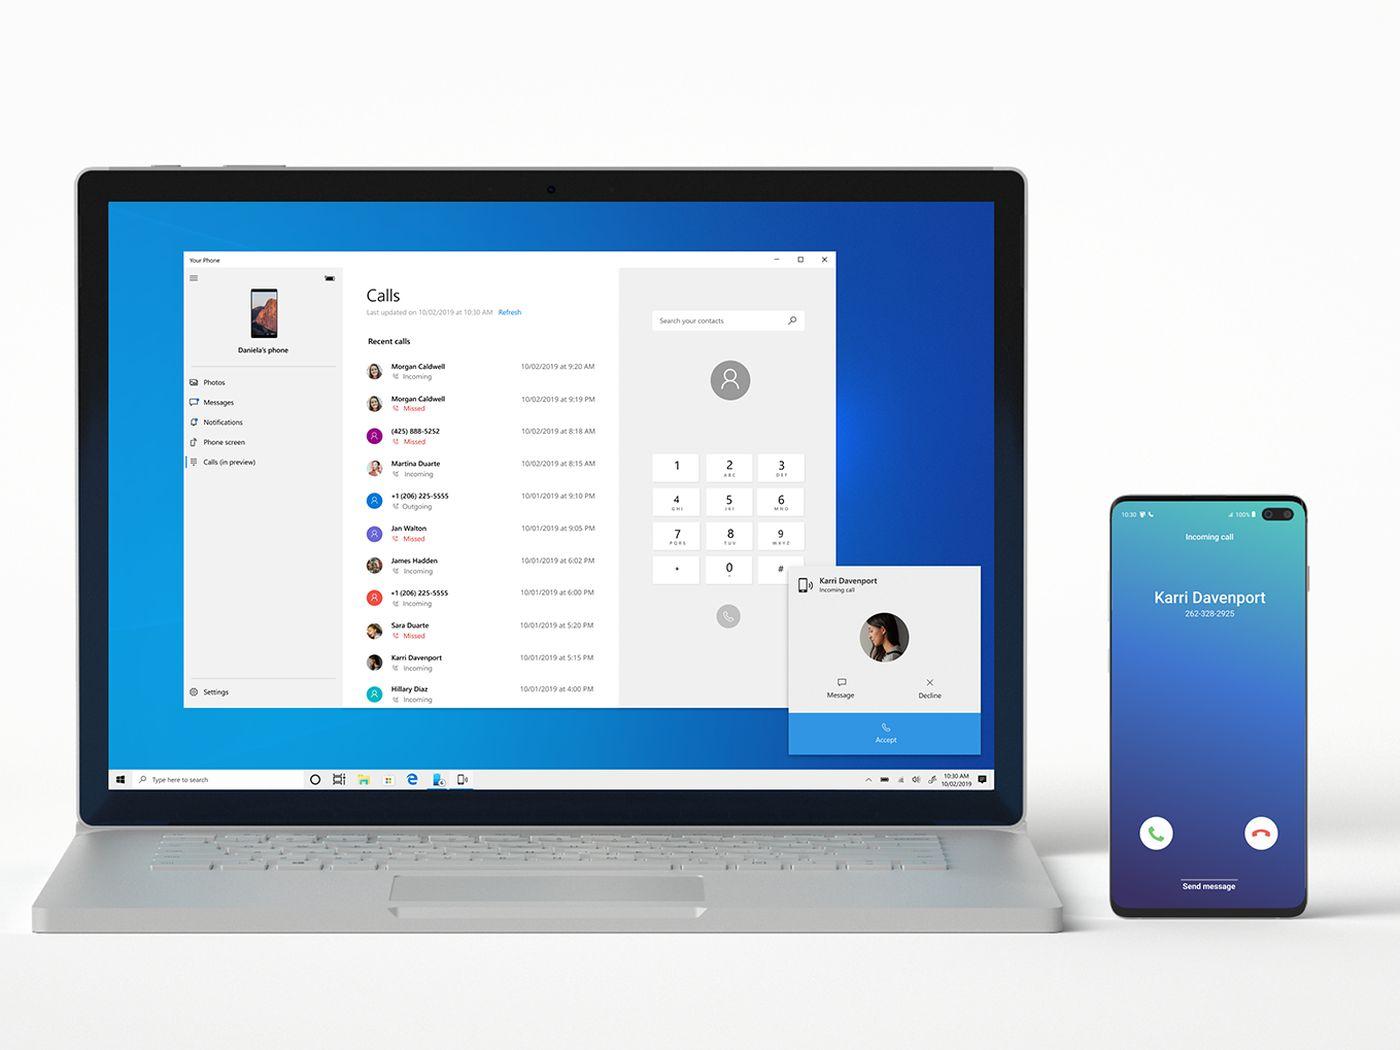 Gestire le impostazioni dello smartphone da PC Windows 10 con l'app Il tuo telefono